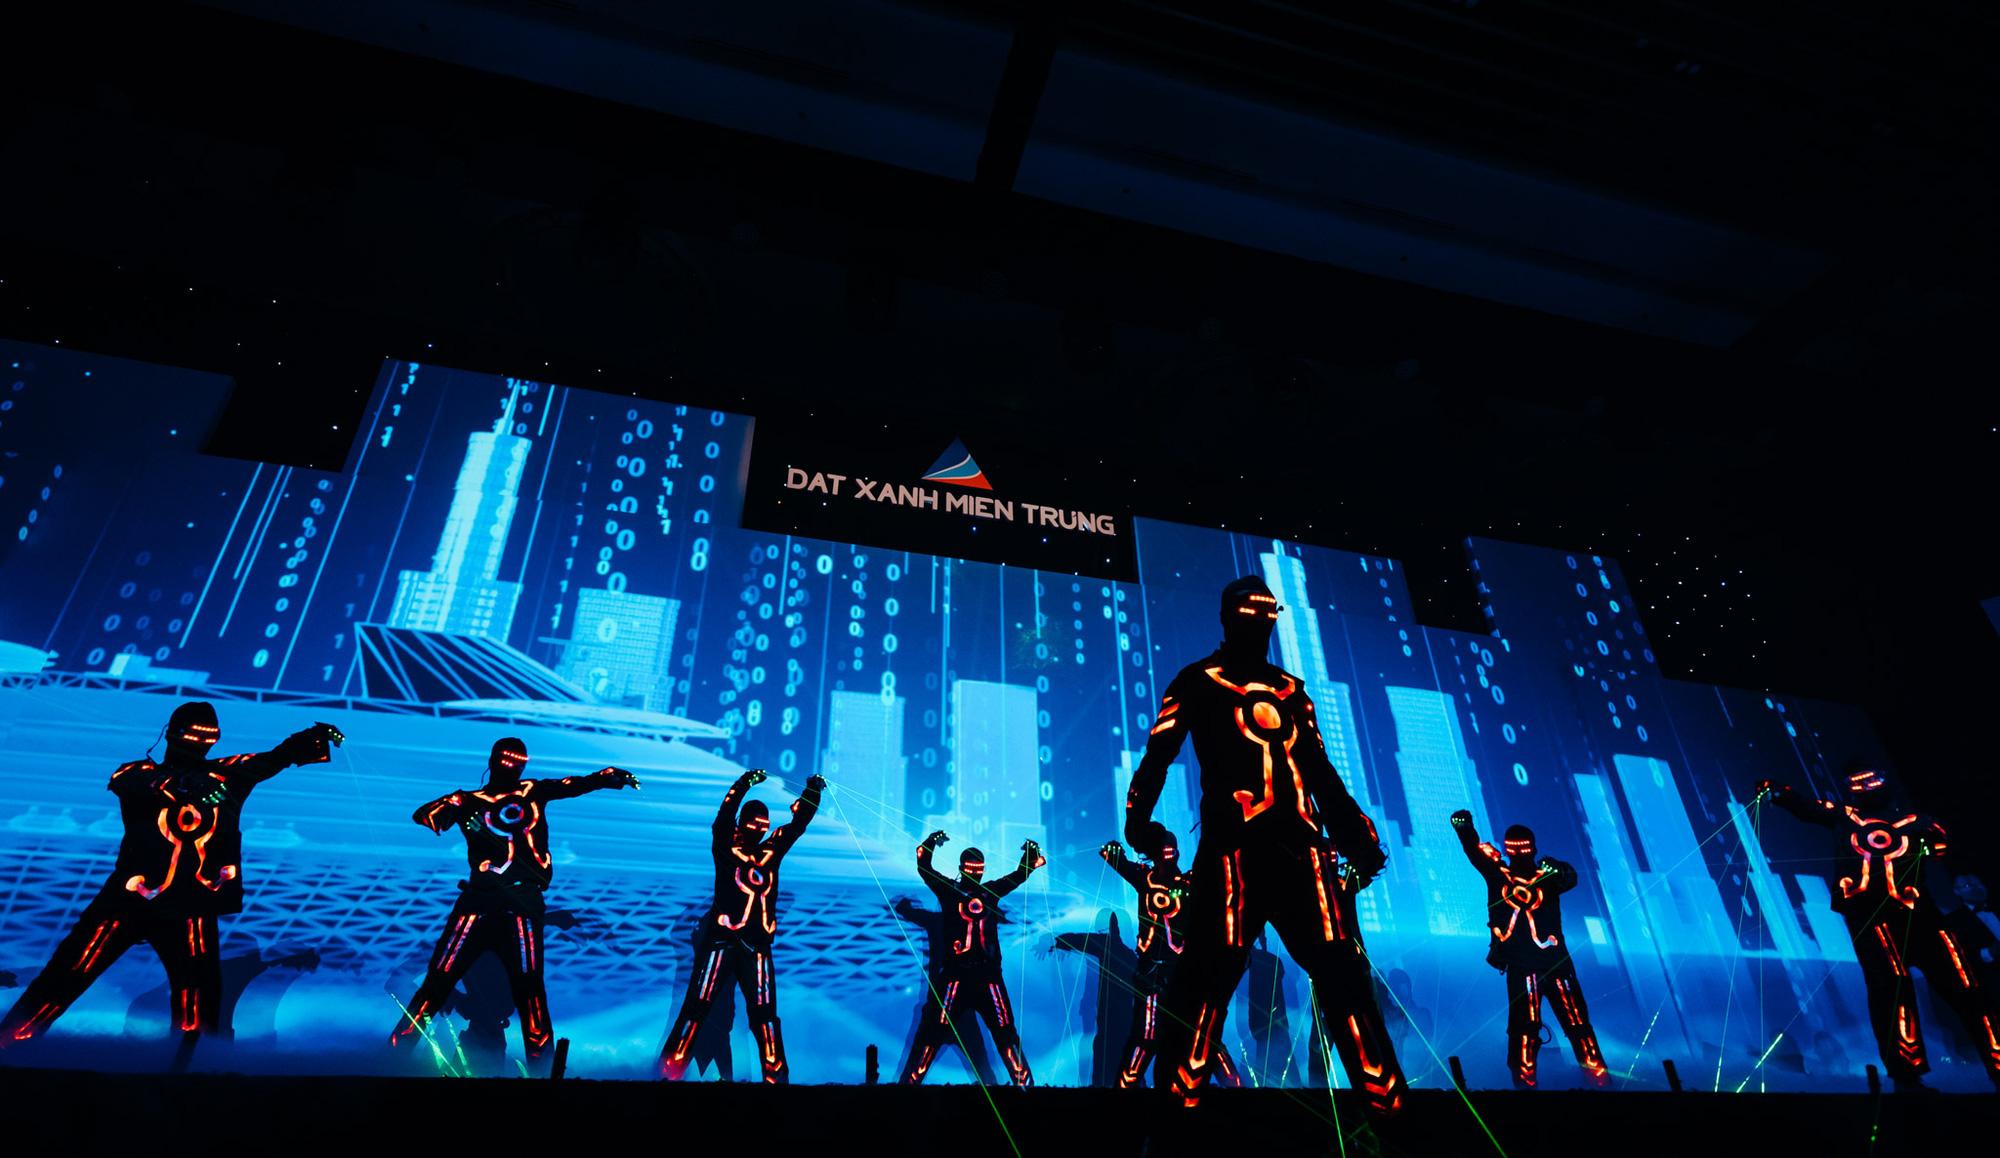 Nghệ thuật và công nghệ ánh sáng tái hiện Sắc màu Thập kỷ, kỷ niệm 10 năm thành lập Đất Xanh Miền Trung - Ảnh 2.